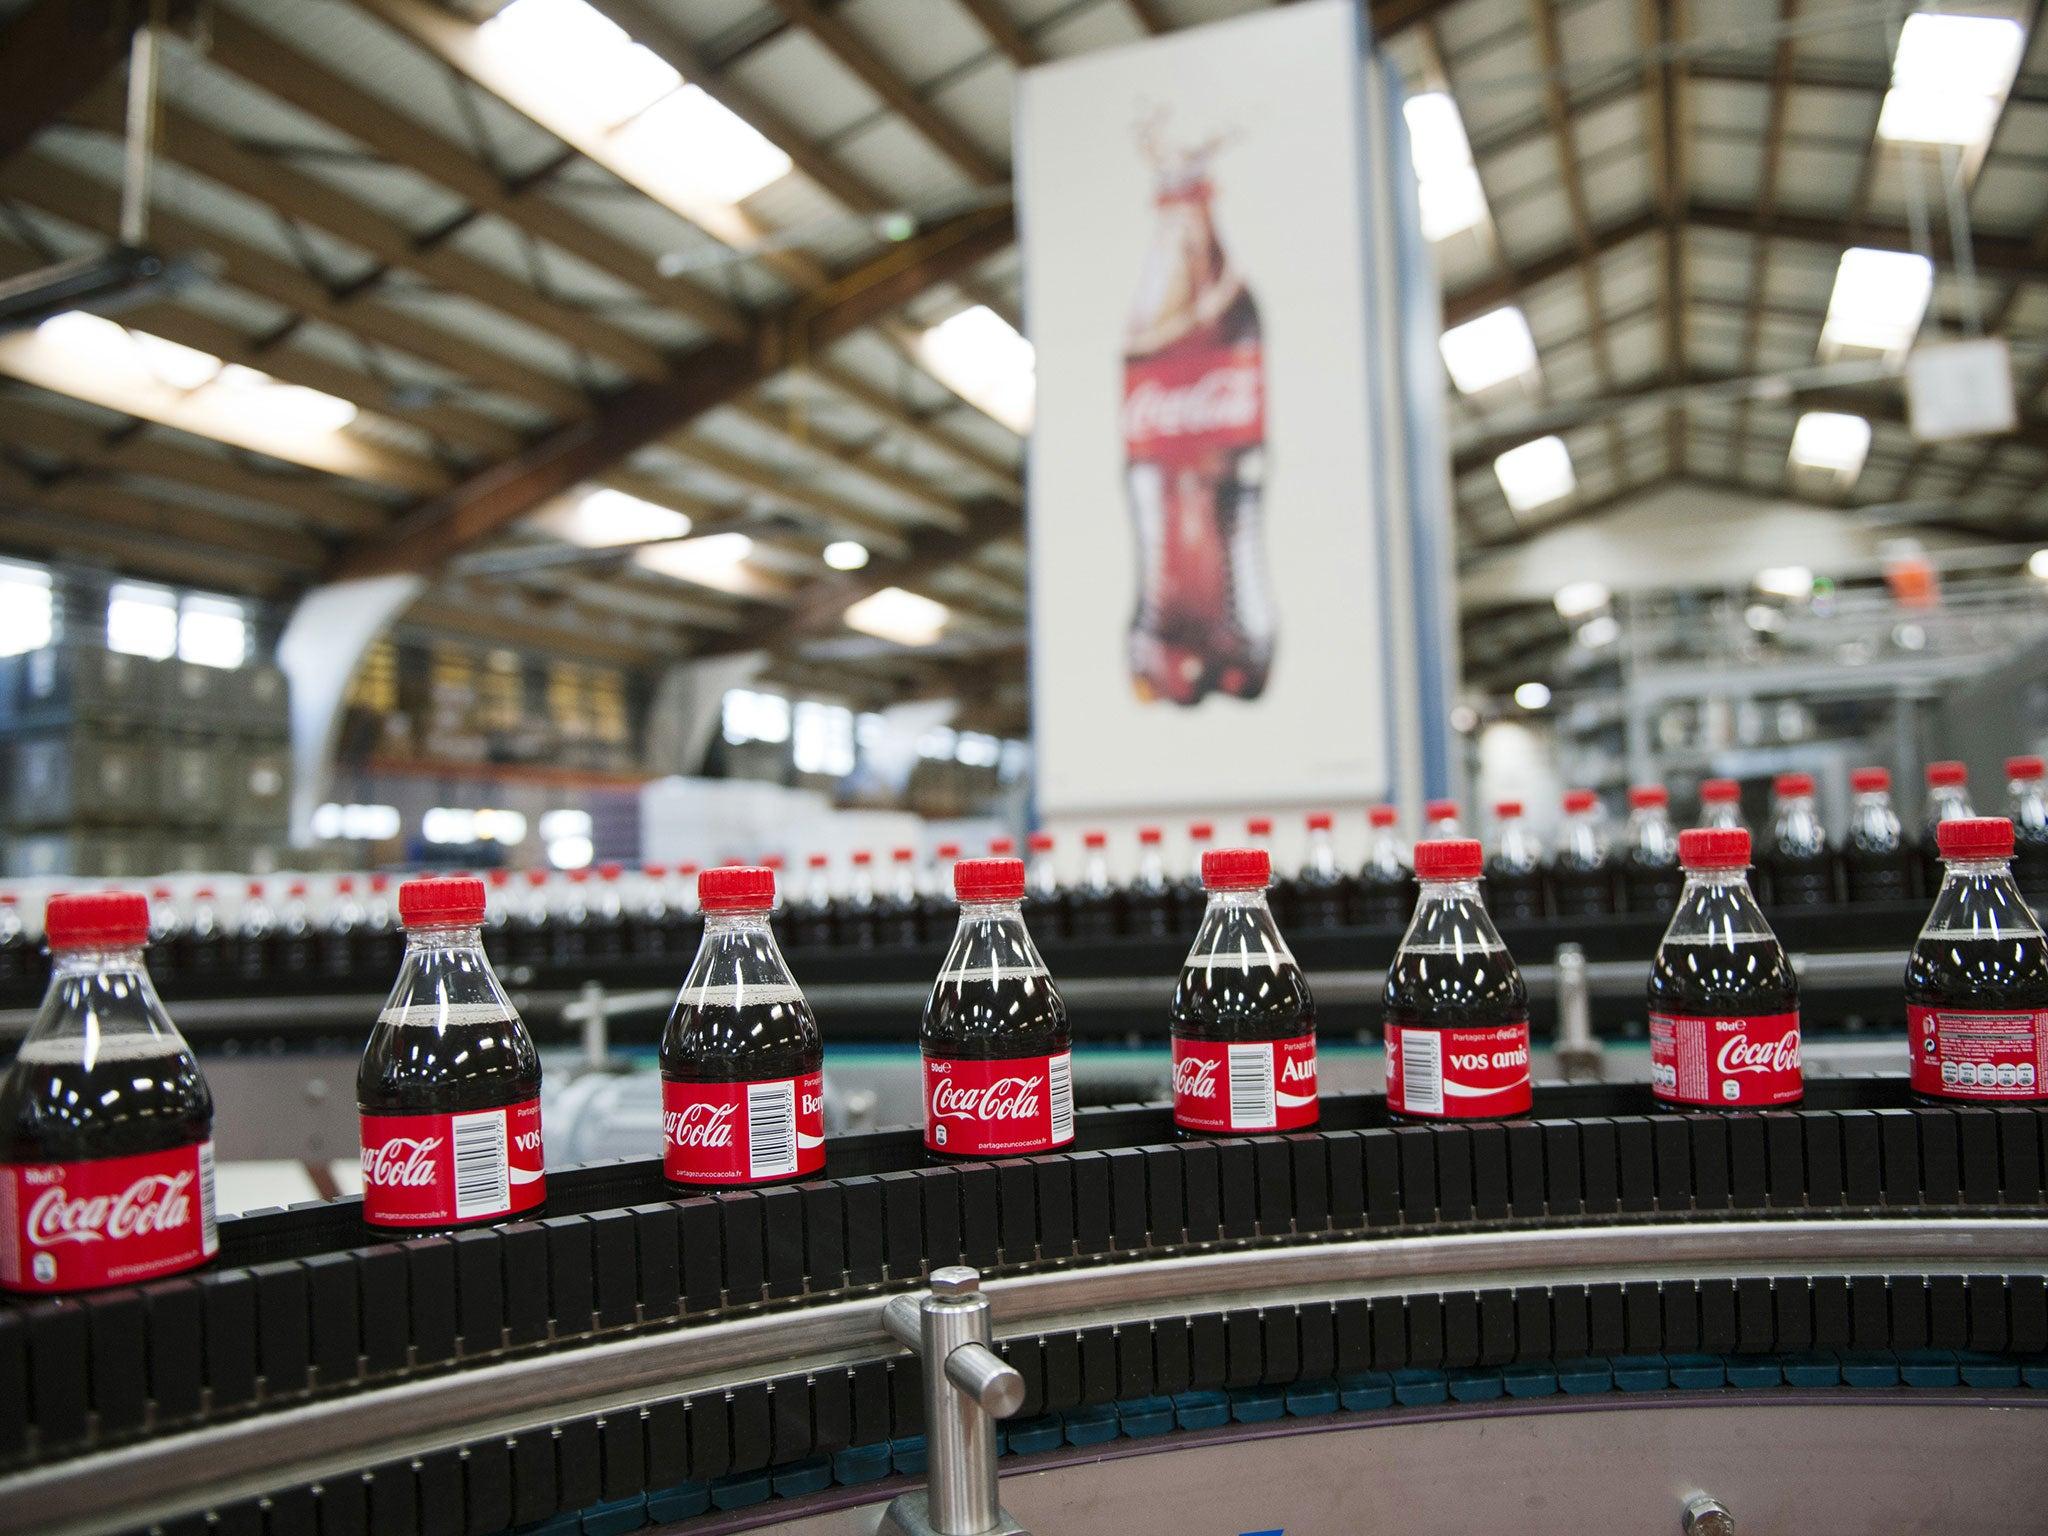 job satisfaction among employees of coca cola